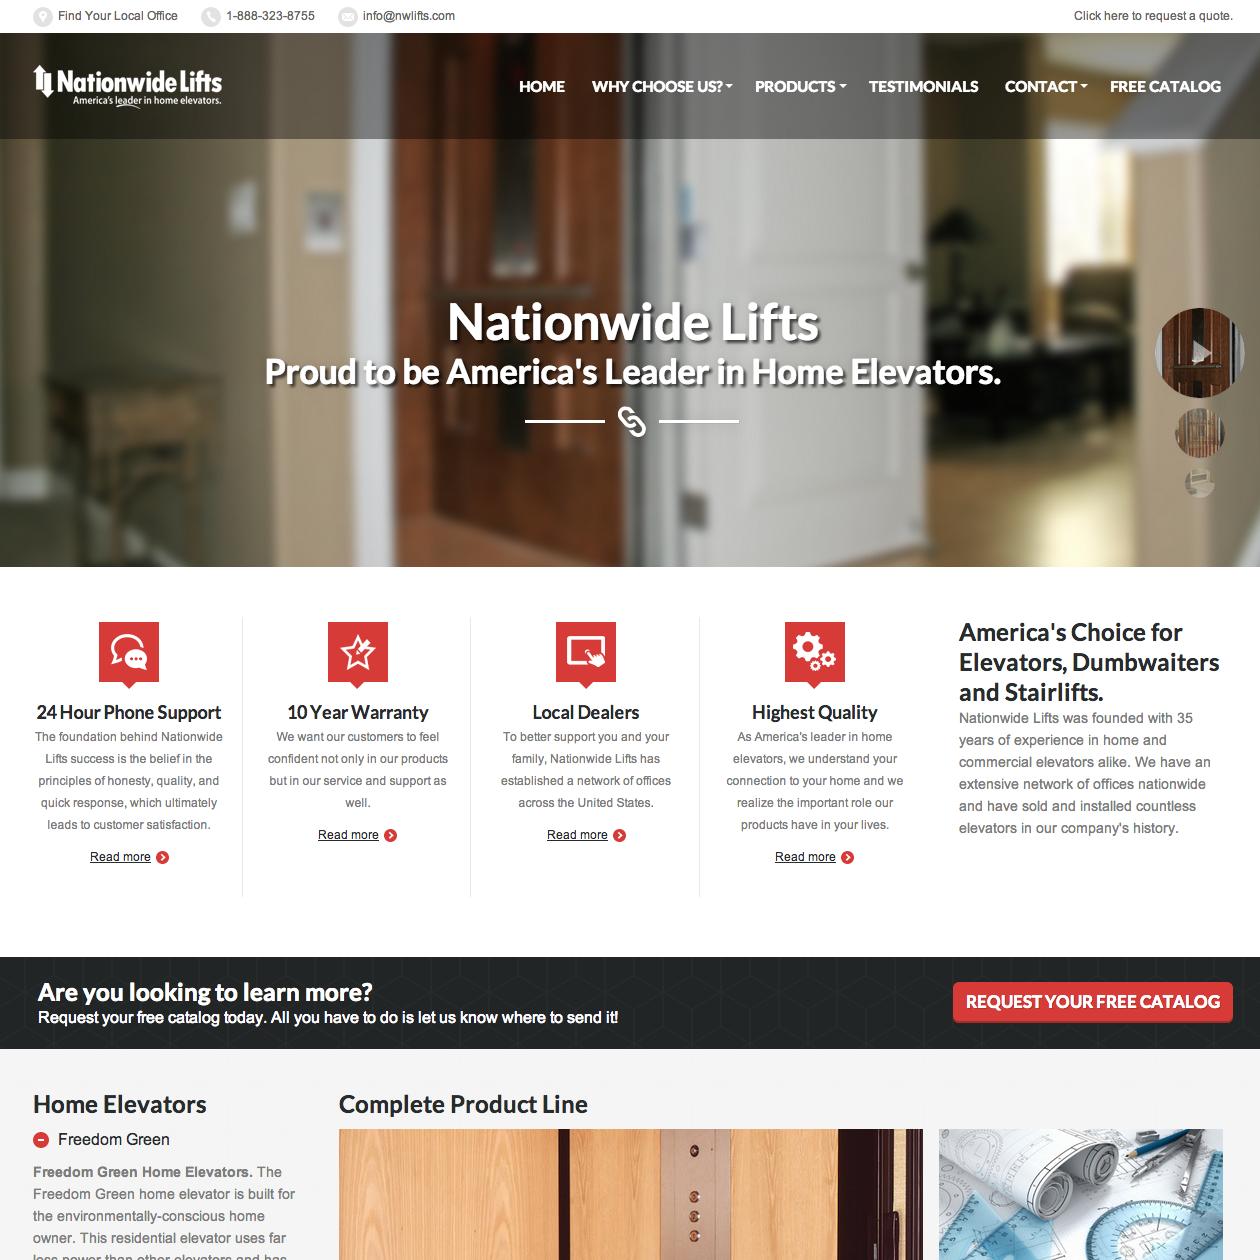 Nationwide Lifts Website Design Screenshot